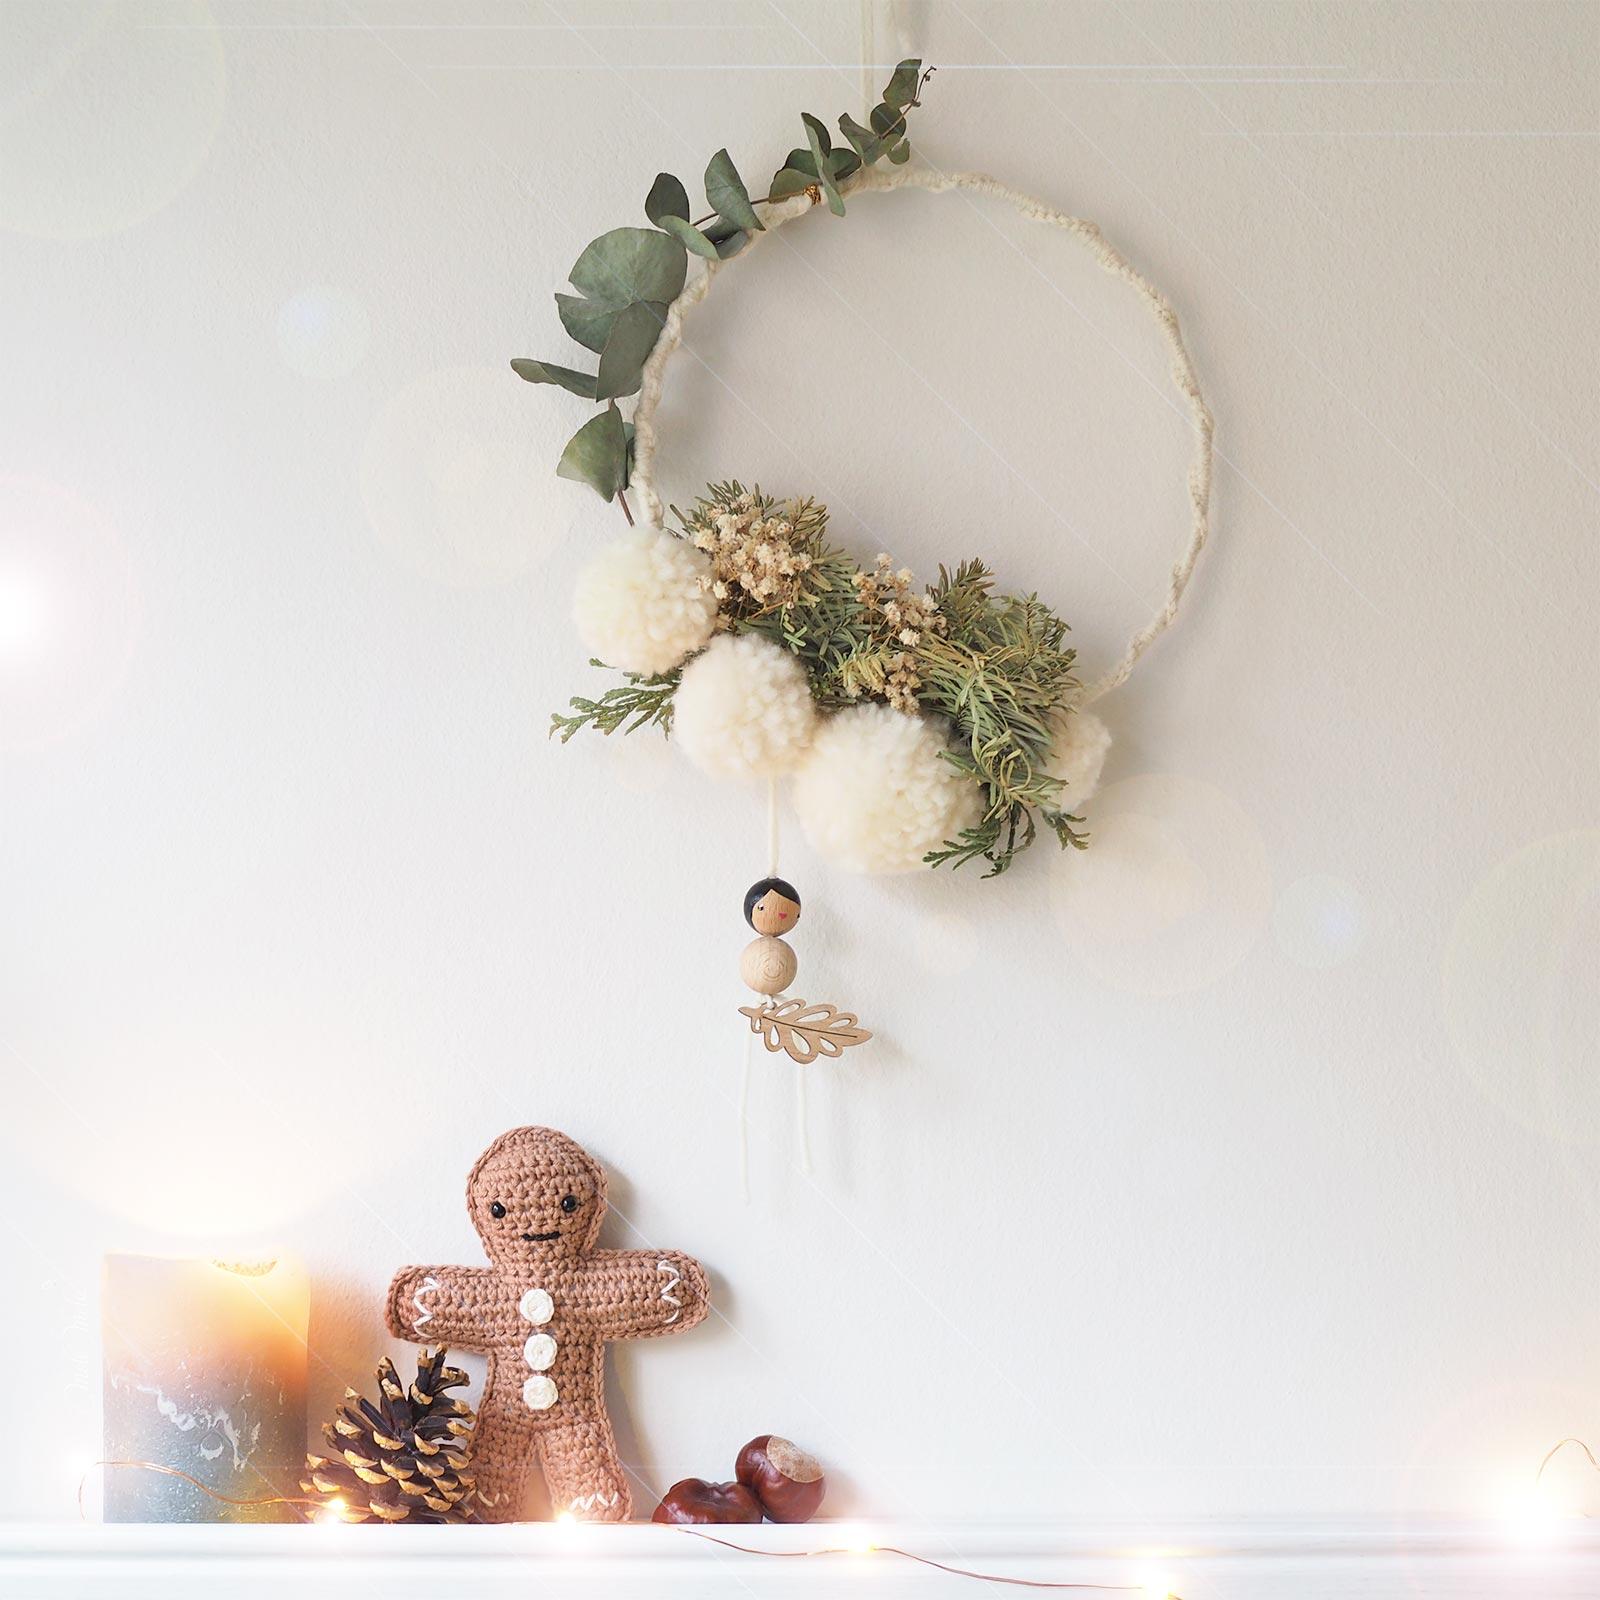 déco Nöel couronne fleurs séchées pompon laine crochet Les Pois Plumes bonhomme pain épice crochet laboutiquedemelimelo